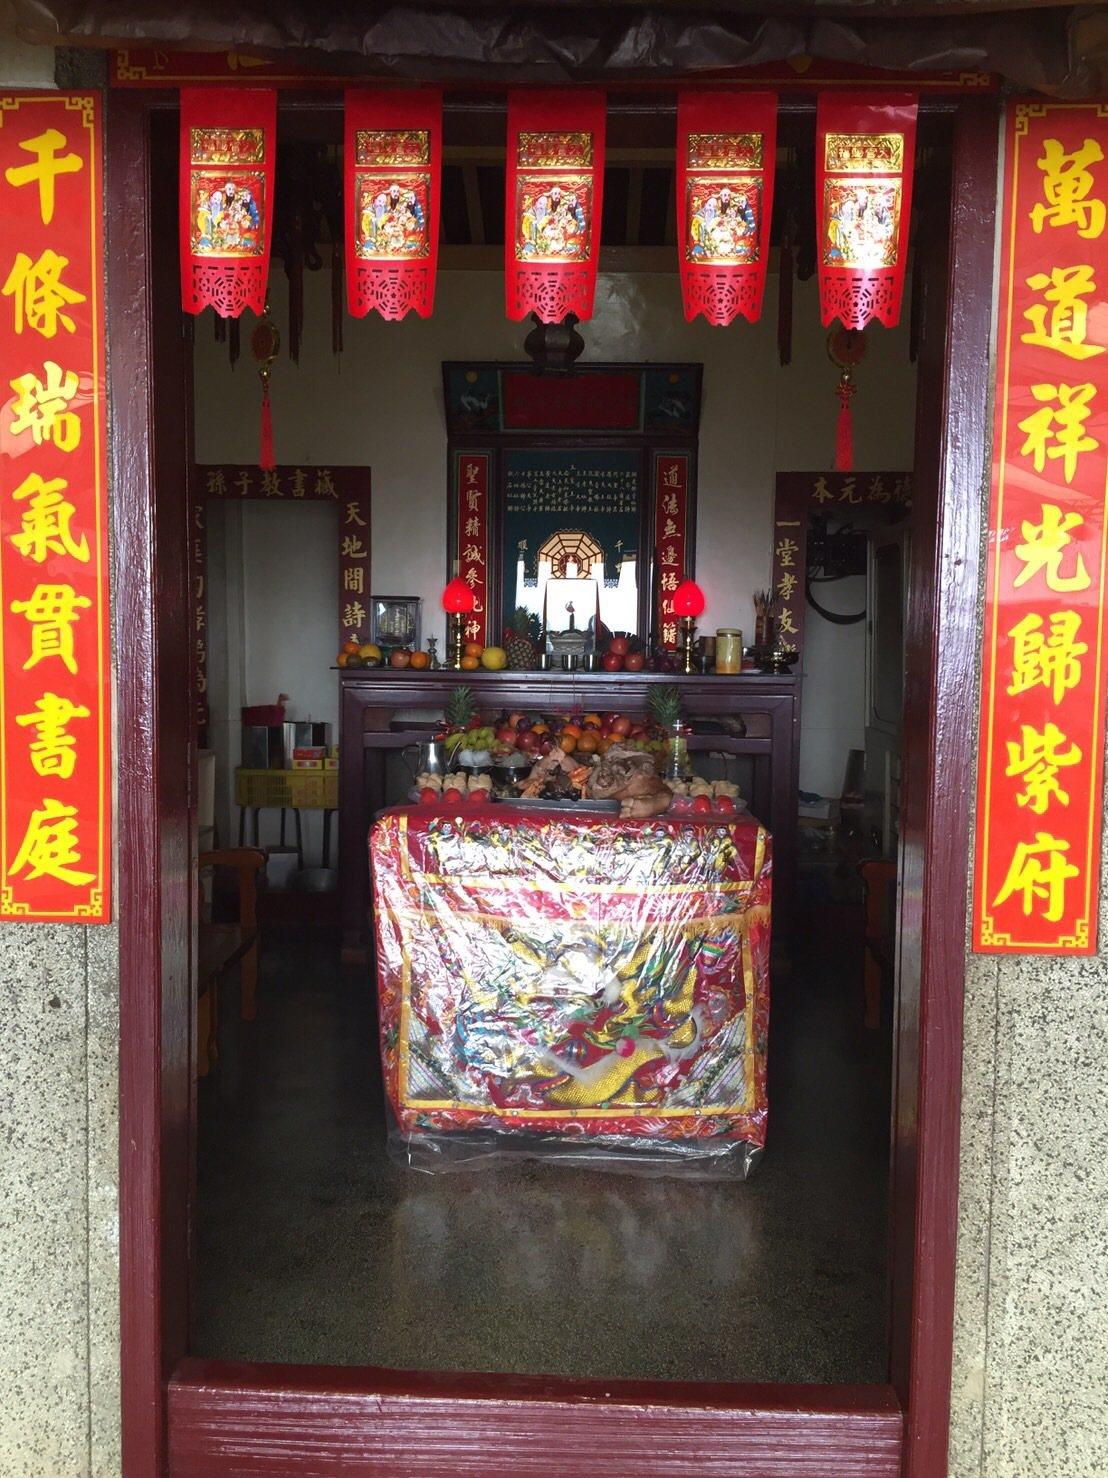 台南市議員王峻潭家中供奉的玉皇大帝。圖/王峻潭服務處提供